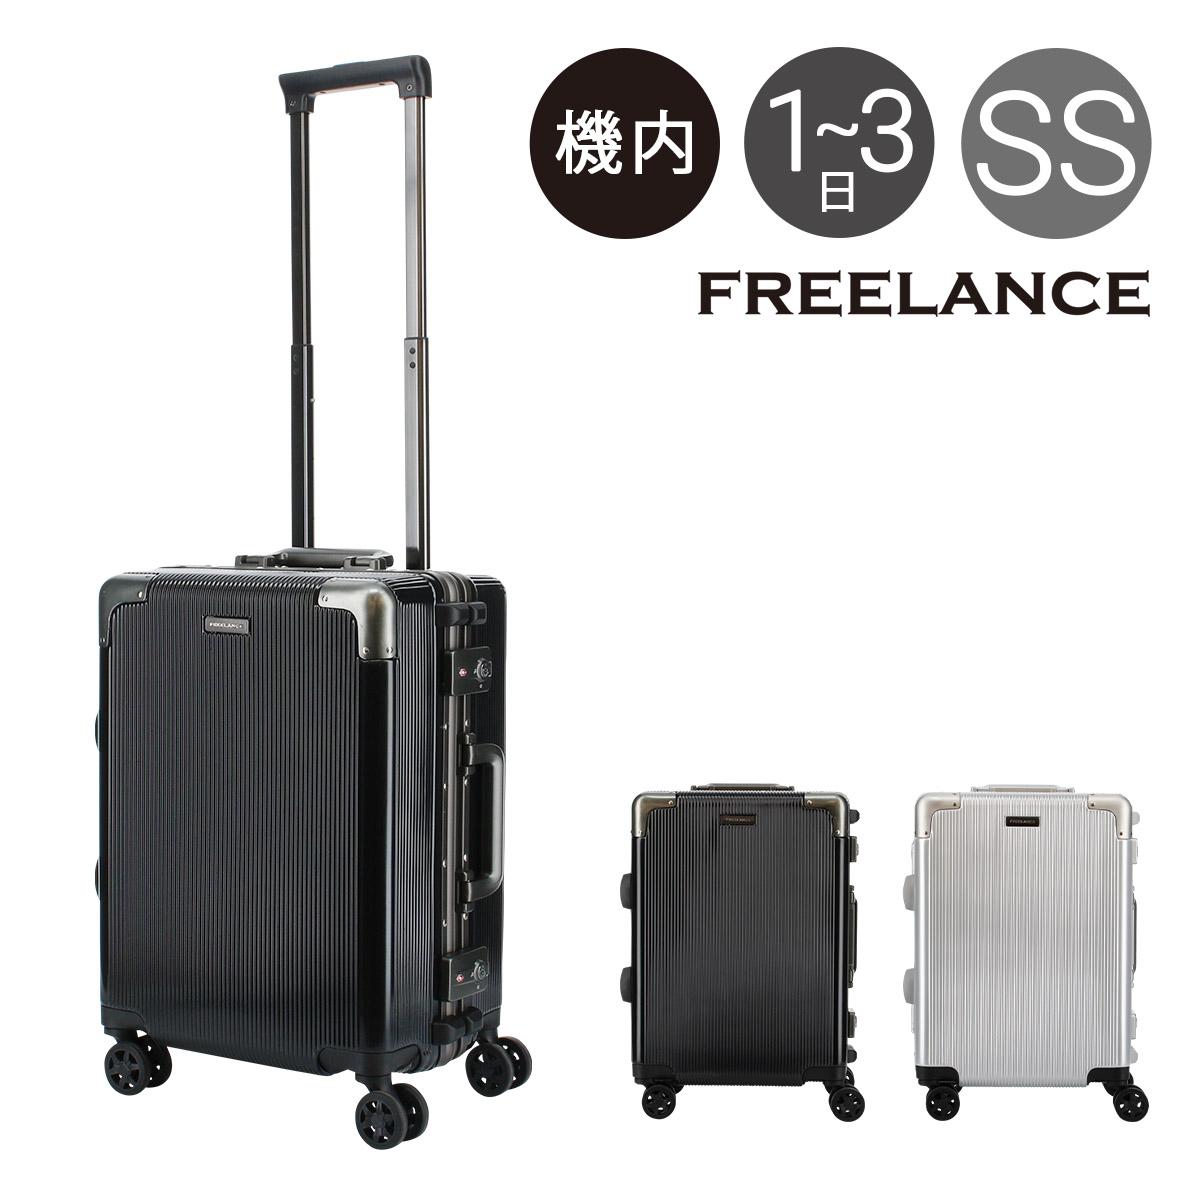 フリーランス スーツケース flt-010 flt-010 FREELANCE FREELANCE スーツケース キャリーケース ビジネスキャリー[即日発送][PO5], リサイクルエコトナーQubic:56285b18 --- sunward.msk.ru